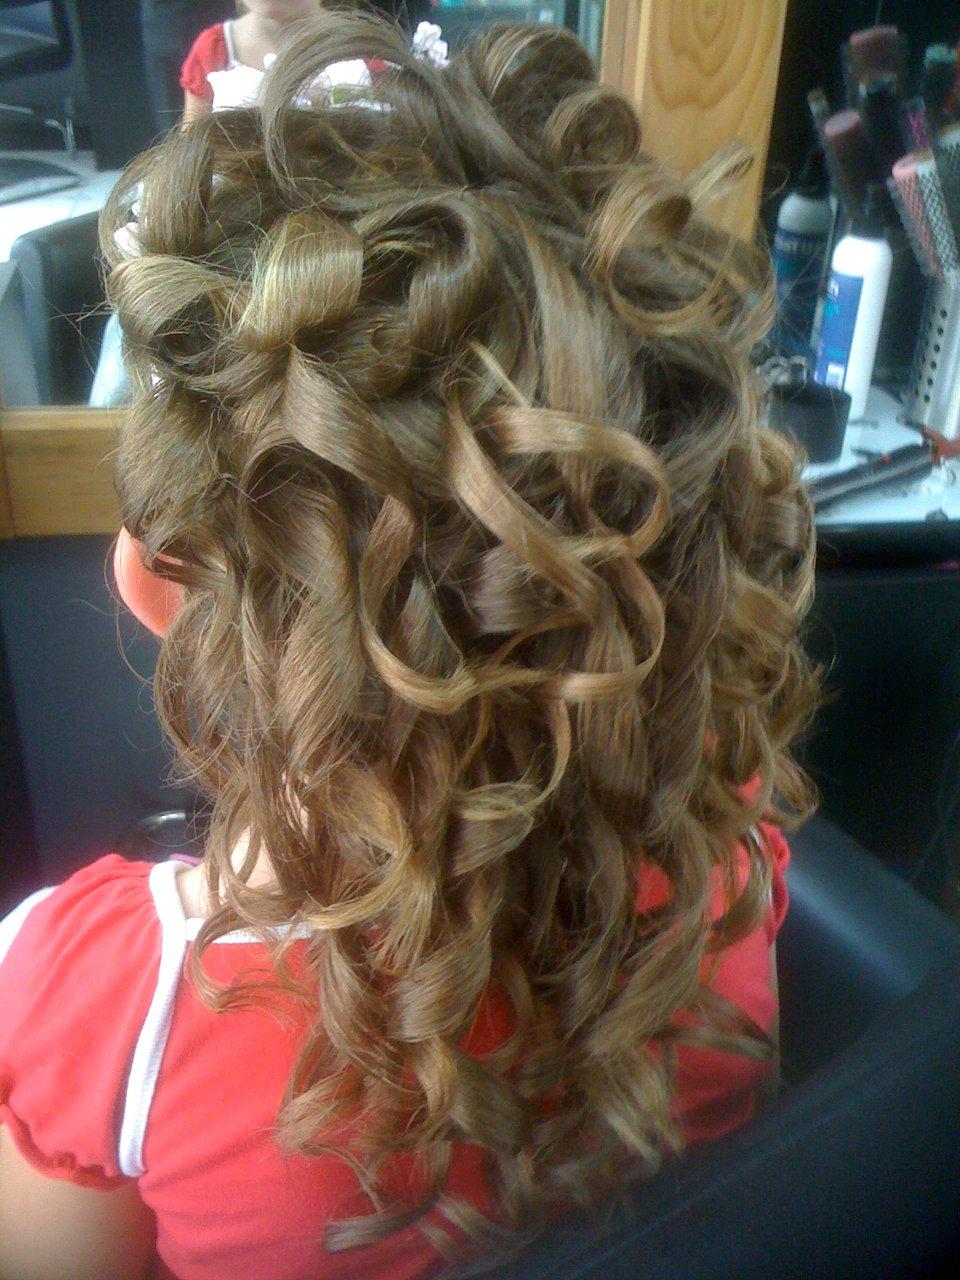 hair by shop.jpg